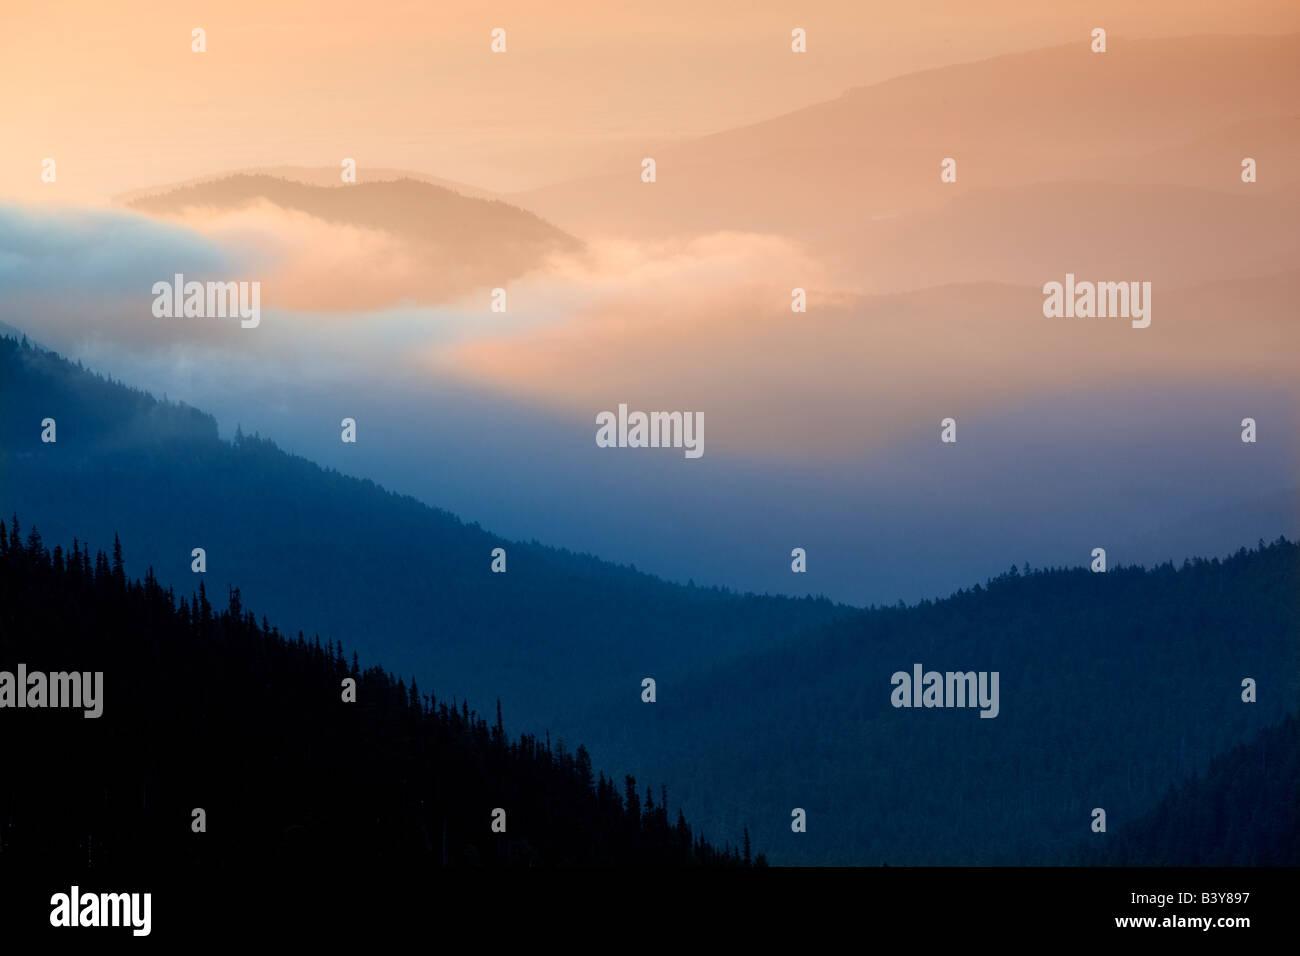 Sunrise and fog Taken from Hurricane Ridge Olympic National Park Washington - Stock Image